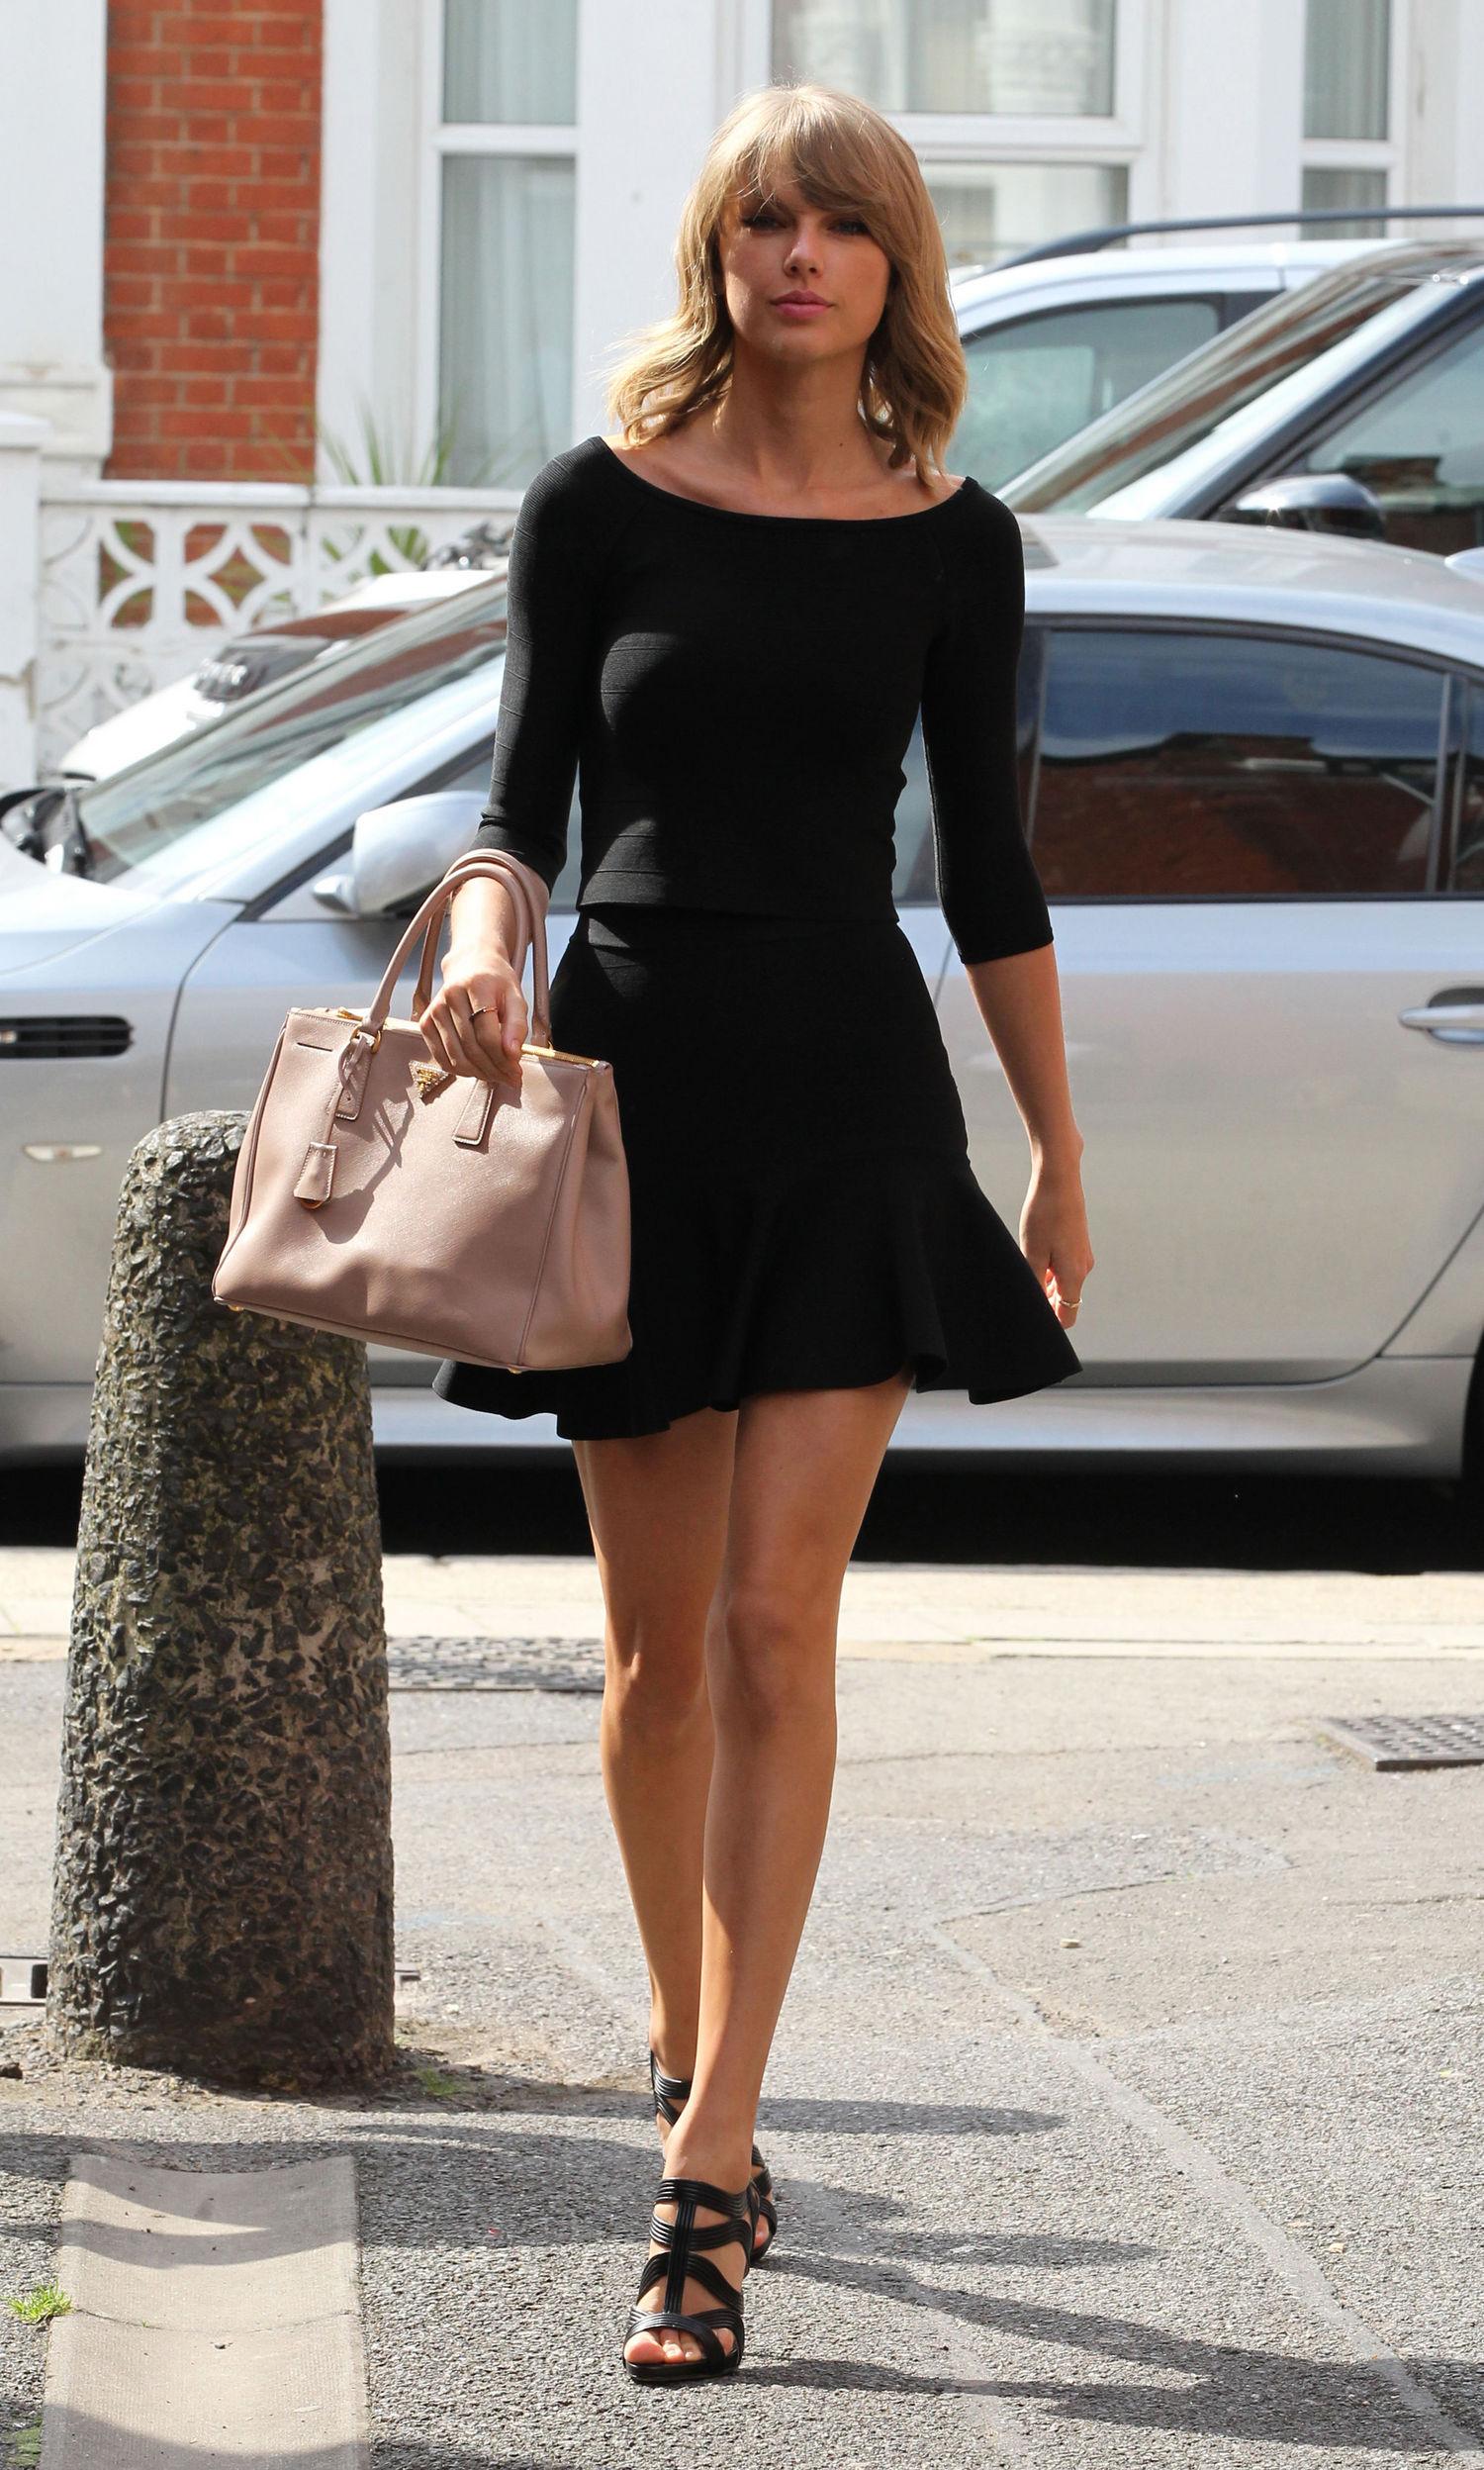 taylor swift mini skirt